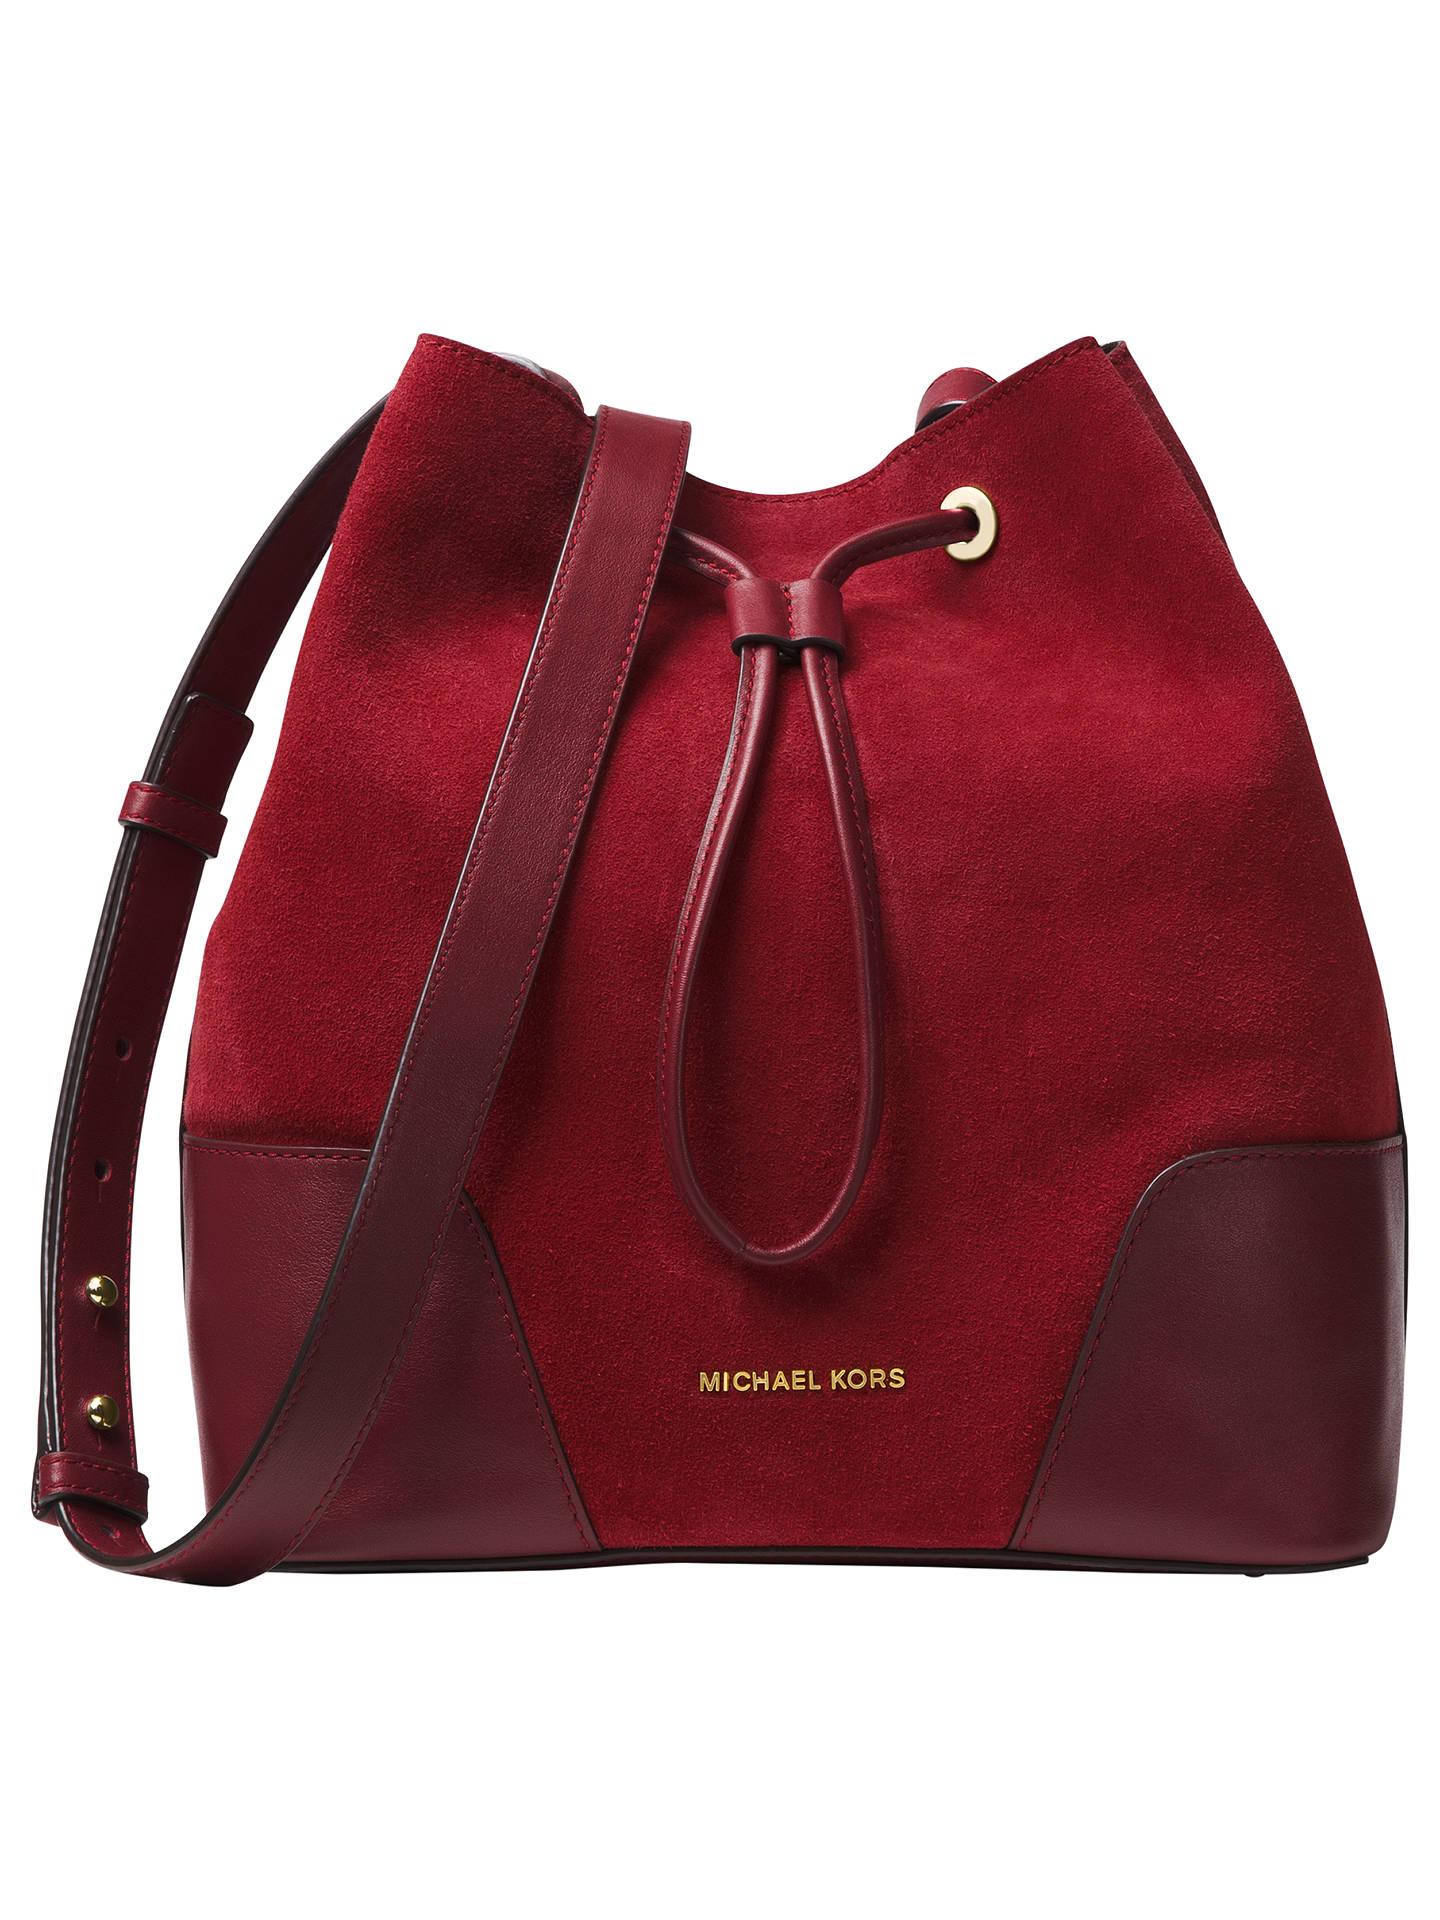 02ad13df717168 Buy MICHAEL Michael Kors Cary Medium Suede Bucket Bag, Oxblood/Maroon  Online at johnlewis ...